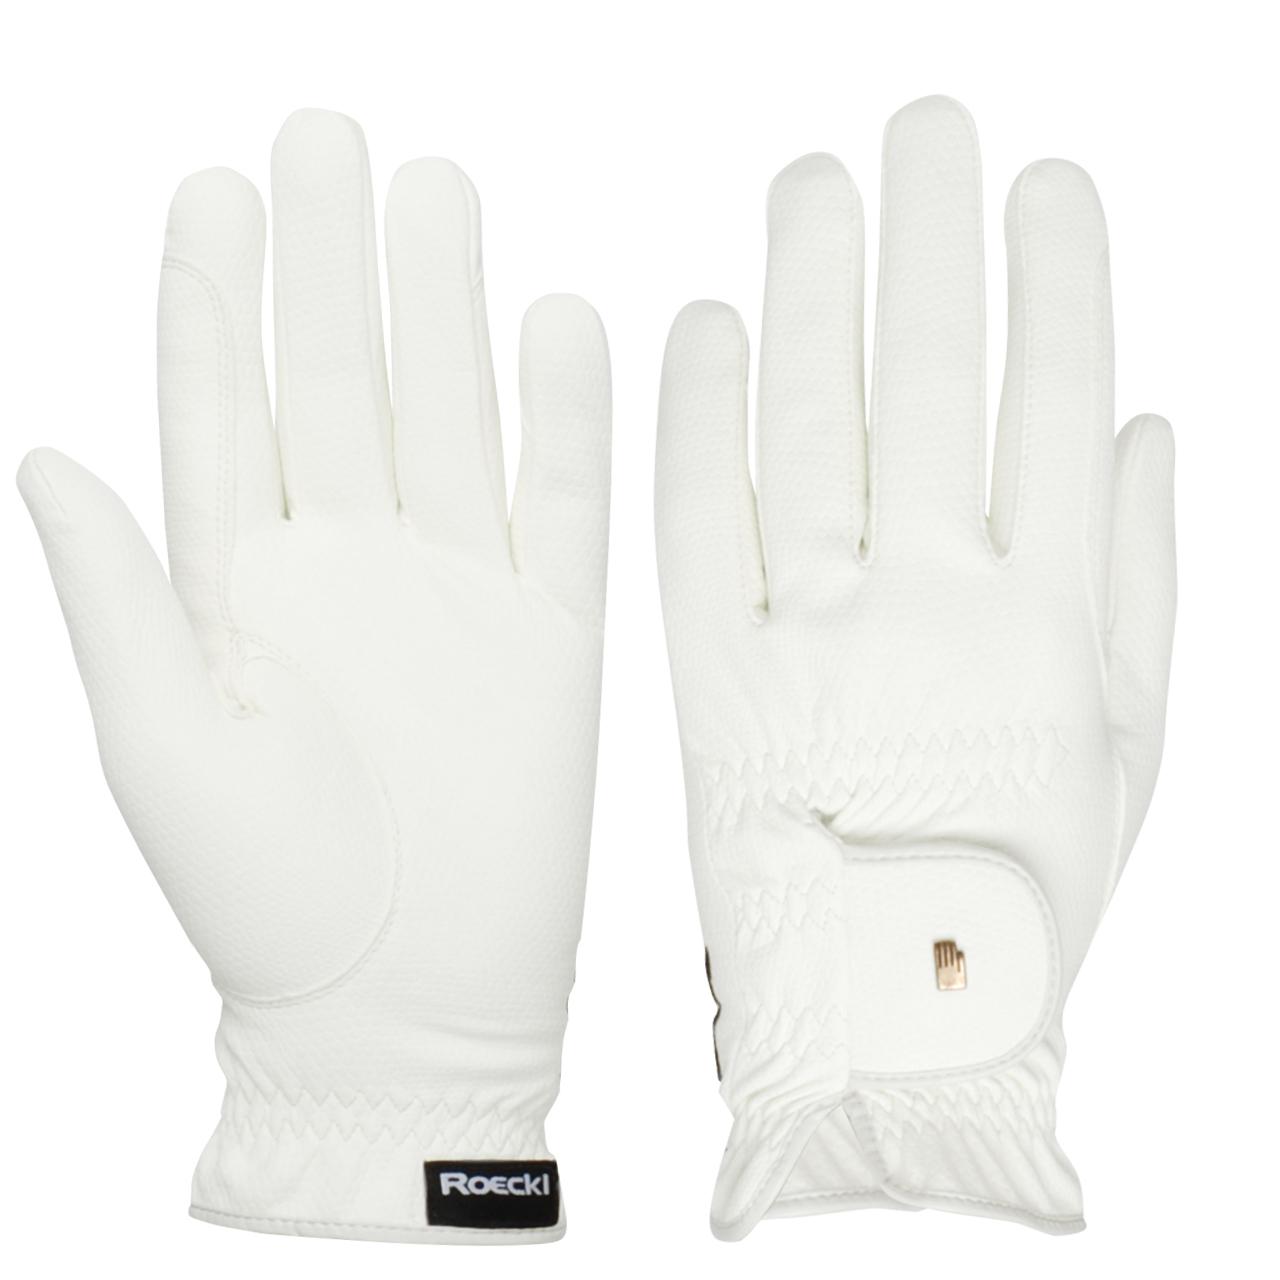 Roeckl Roeck grip Handschoen wit maat:8,5